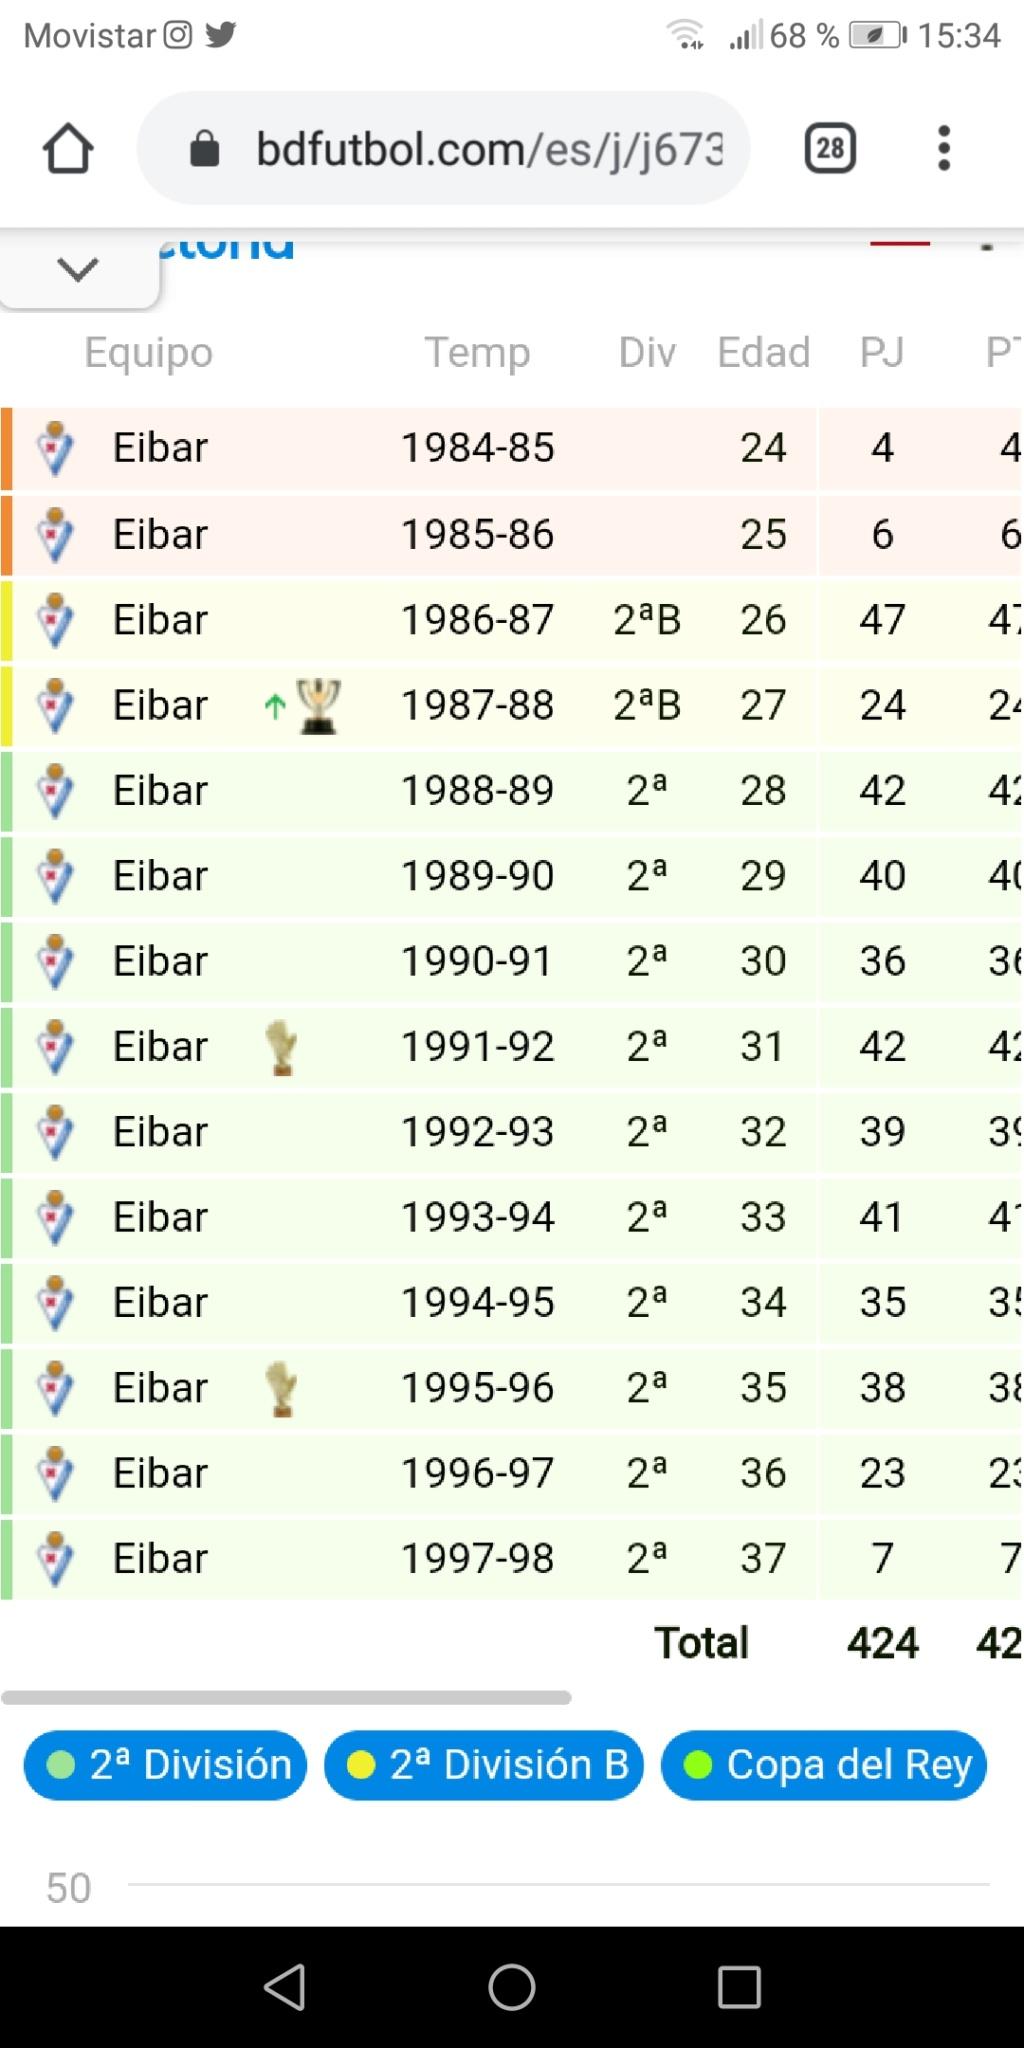 Los porteros más bajos de la historia del futbol -- Shortest goalkeepers in football - Página 7 Screen57